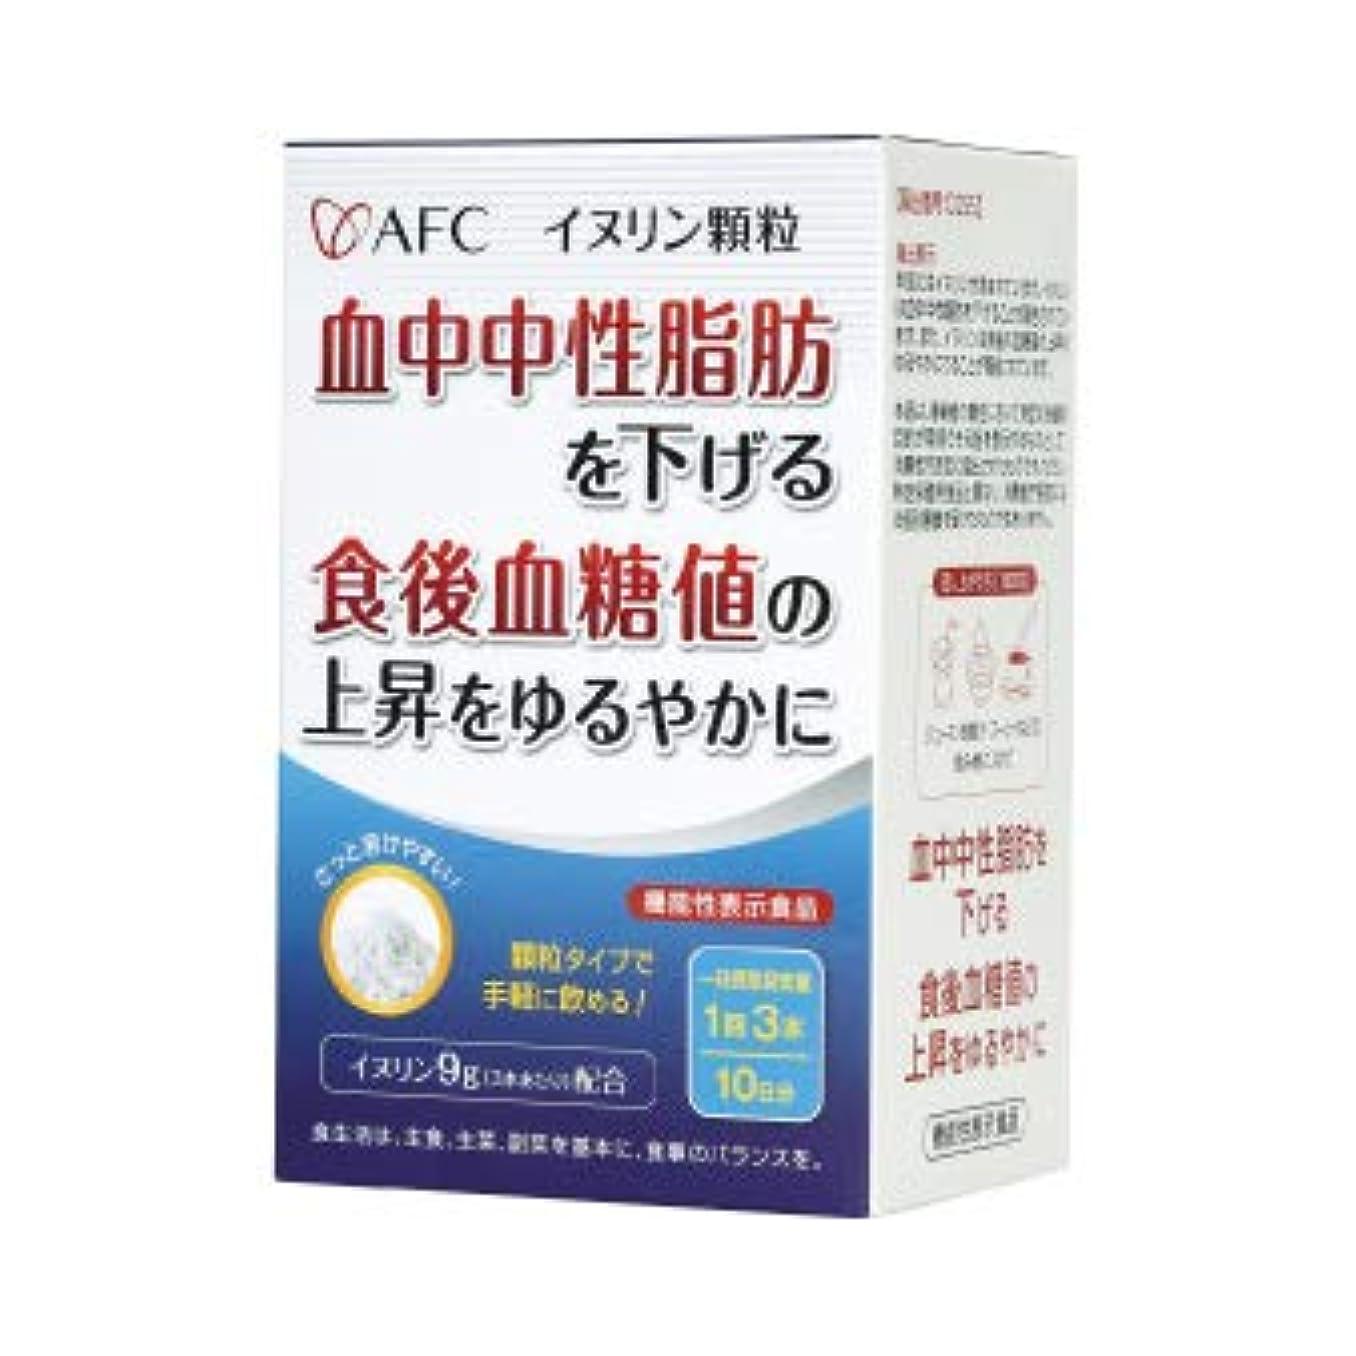 純度落とし穴マージン【AFC公式ショップ】[機能性表示食品]イヌリン 10日分